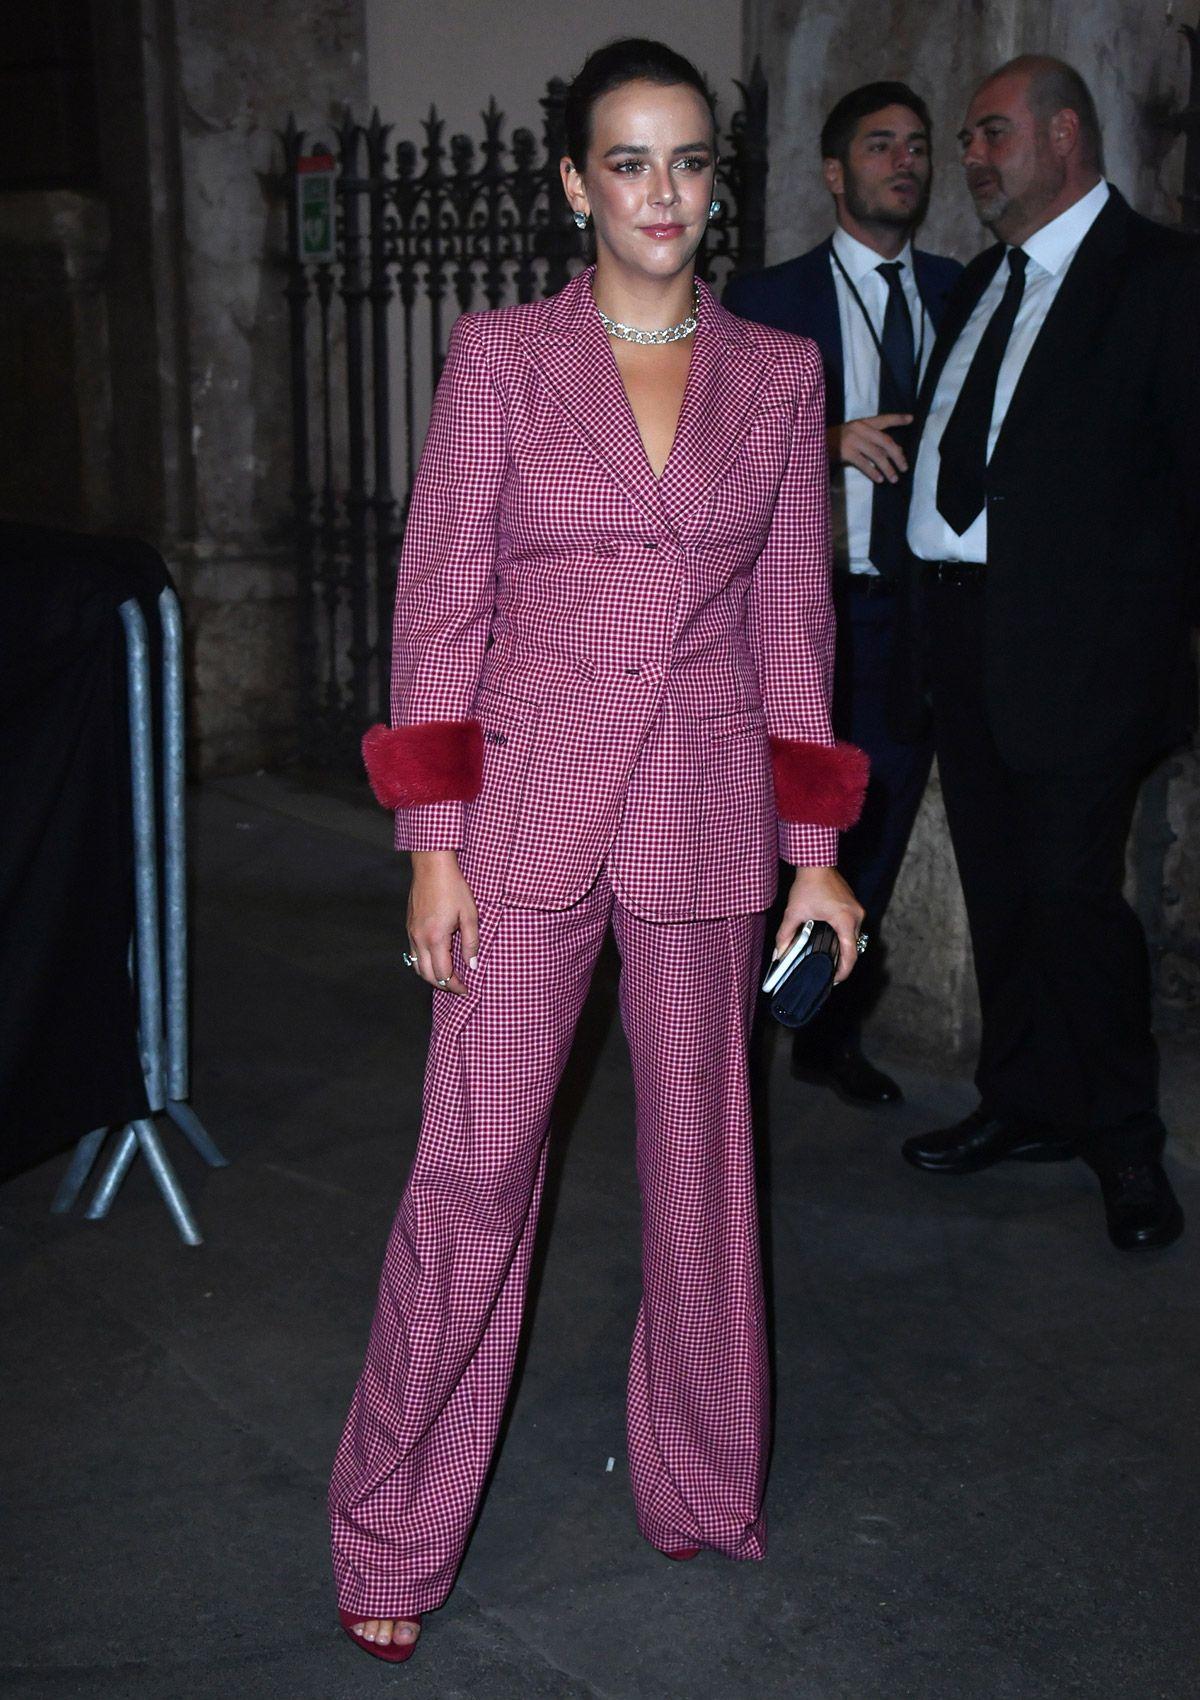 Repasamos los looks más llamativos de la gala amfAR celebrada en Milán, que contó con las asistencia de la modelo Winnie Harlow y Pauline Ducruet, hija de Estefanía de Mónaco.